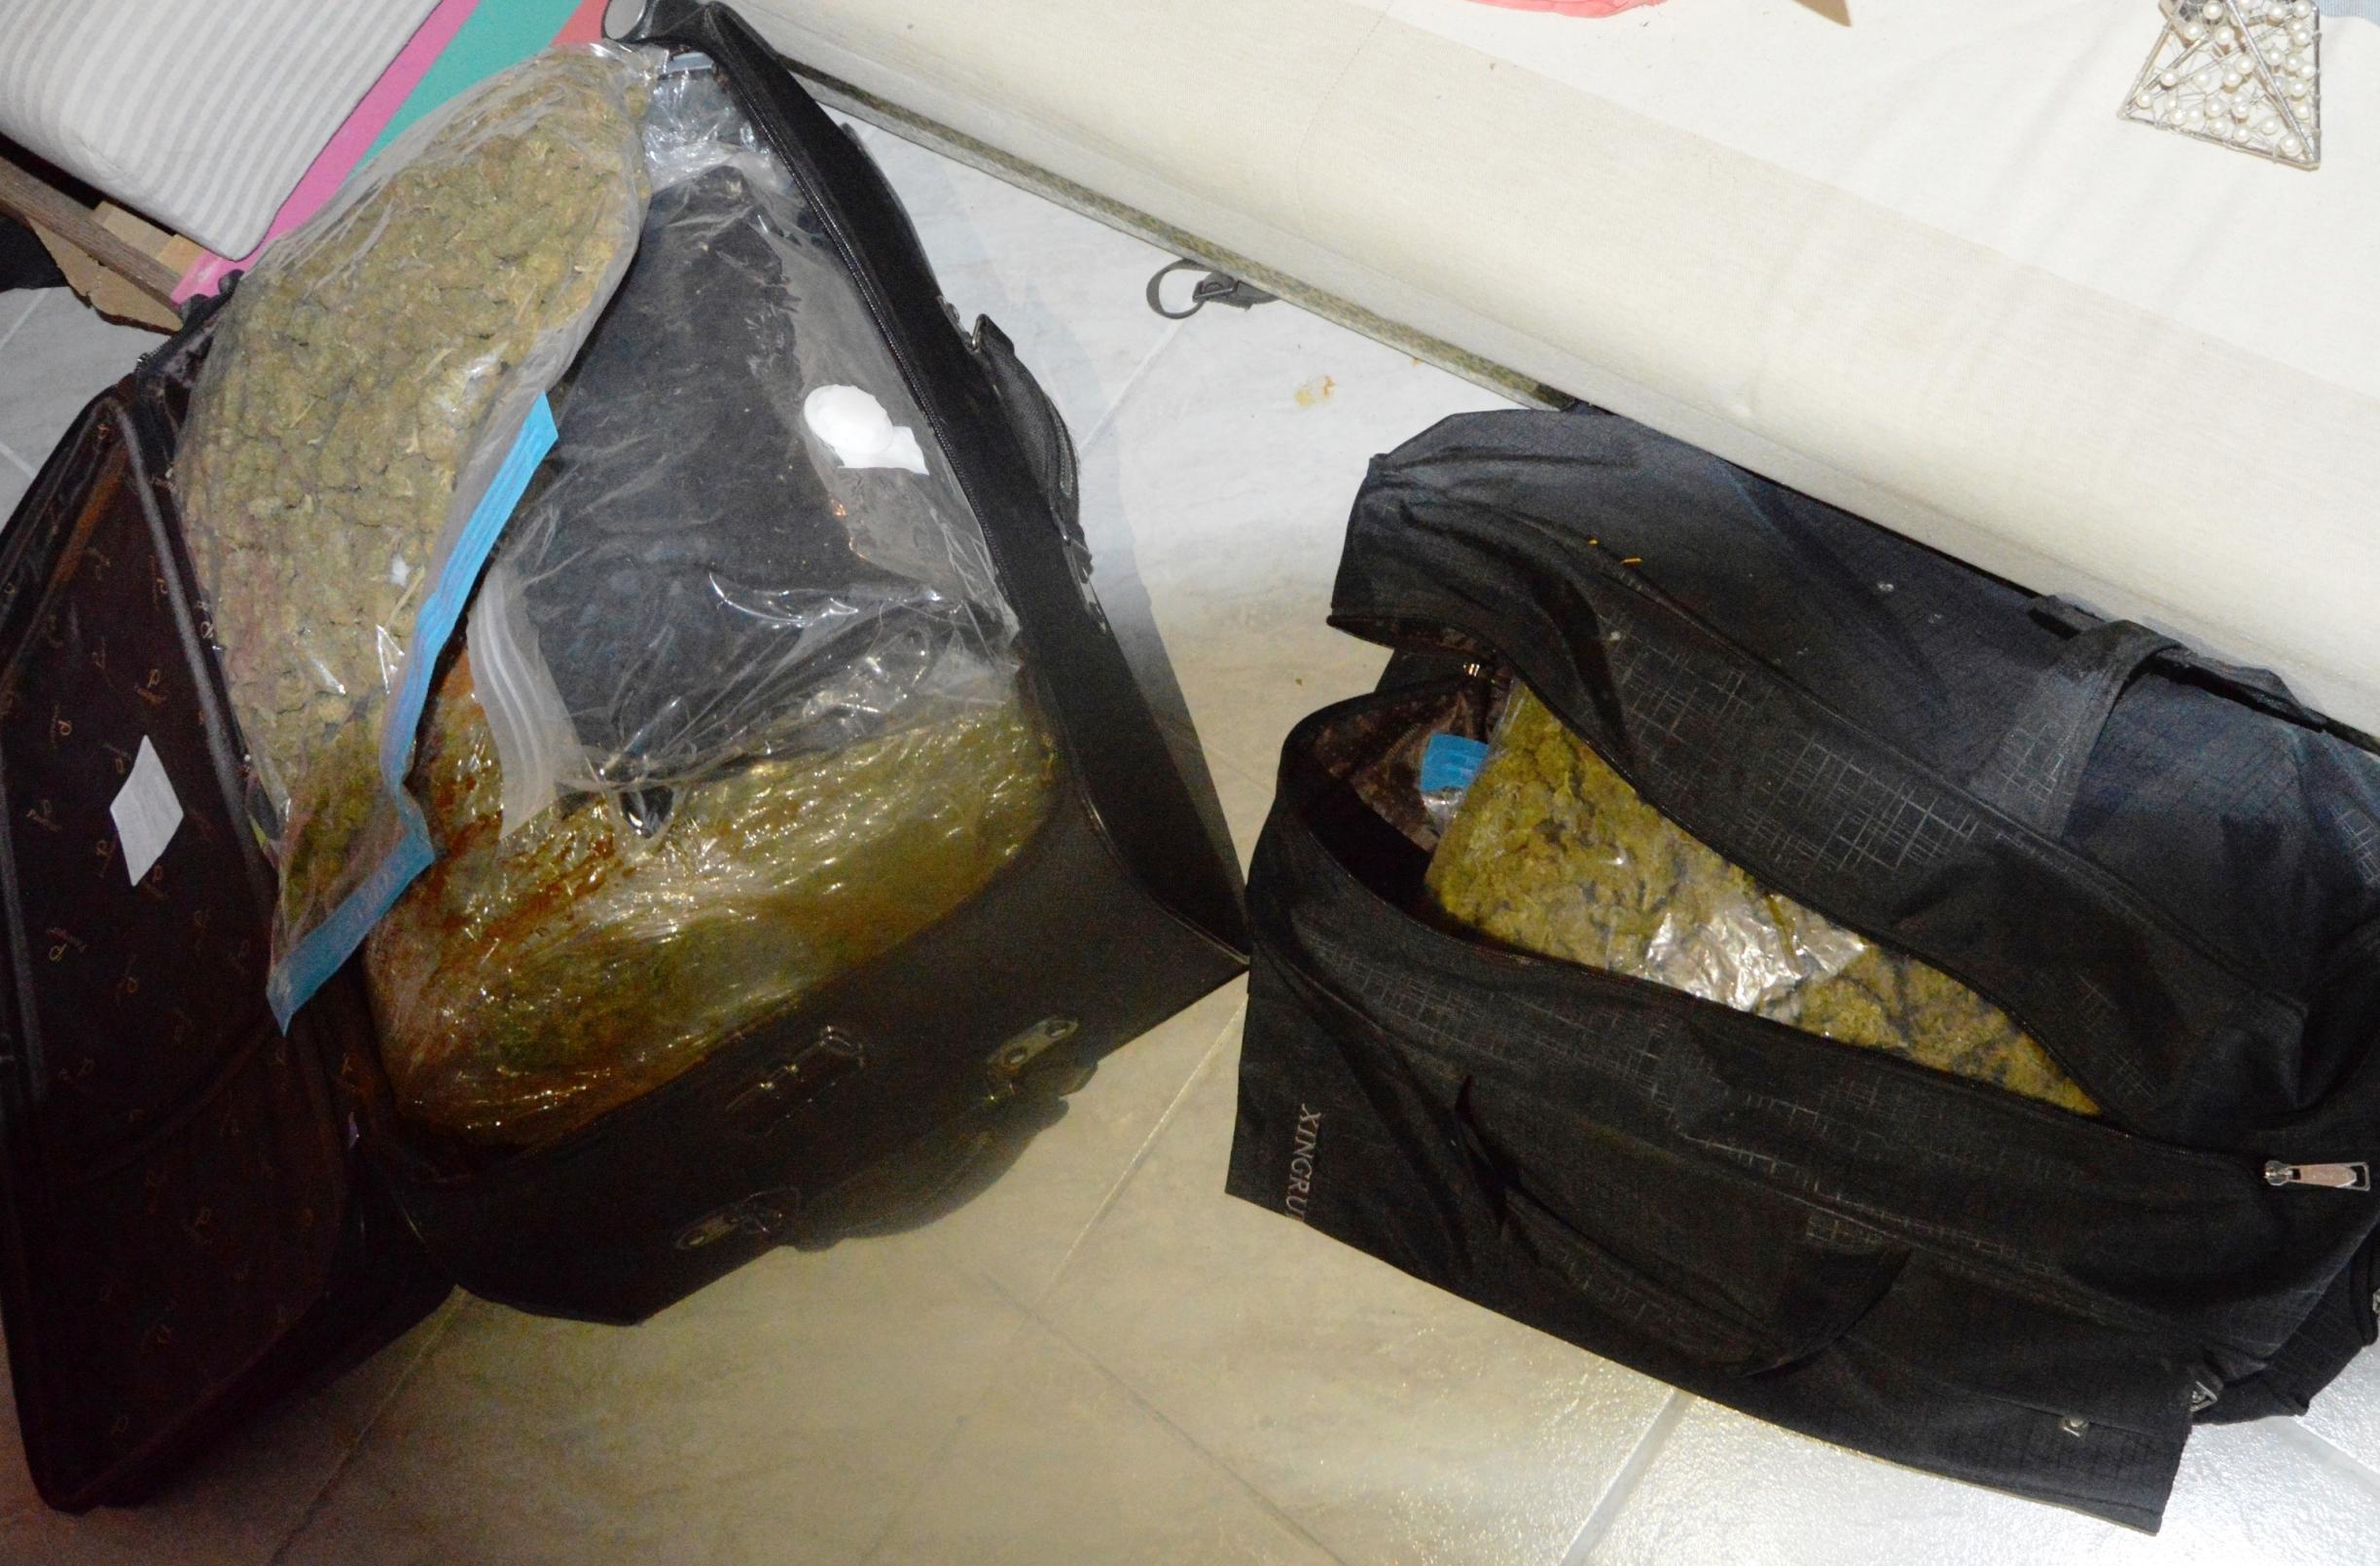 60 ezer adagos drogfogás: 2 bőröndnyi fű, 1 kiló kokain, 3 kiló amfetamin és 2000 eki